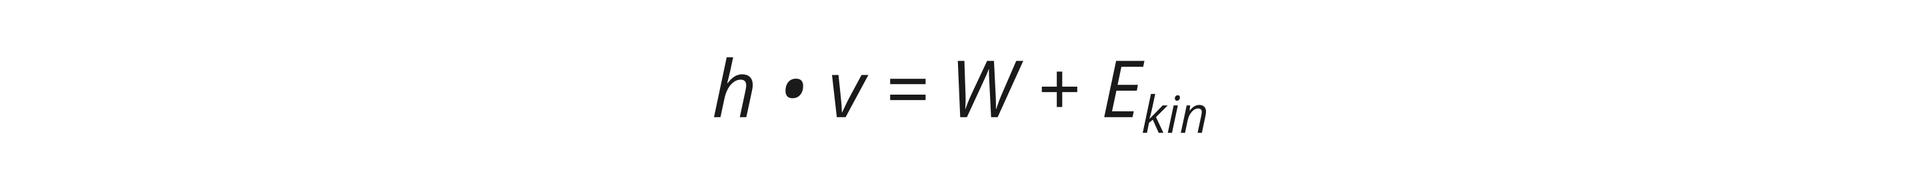 Na ilustracji przedstawiono wzór. Tło białe. Czarnymi literami napisano: hrazy v= W+ E_kin.